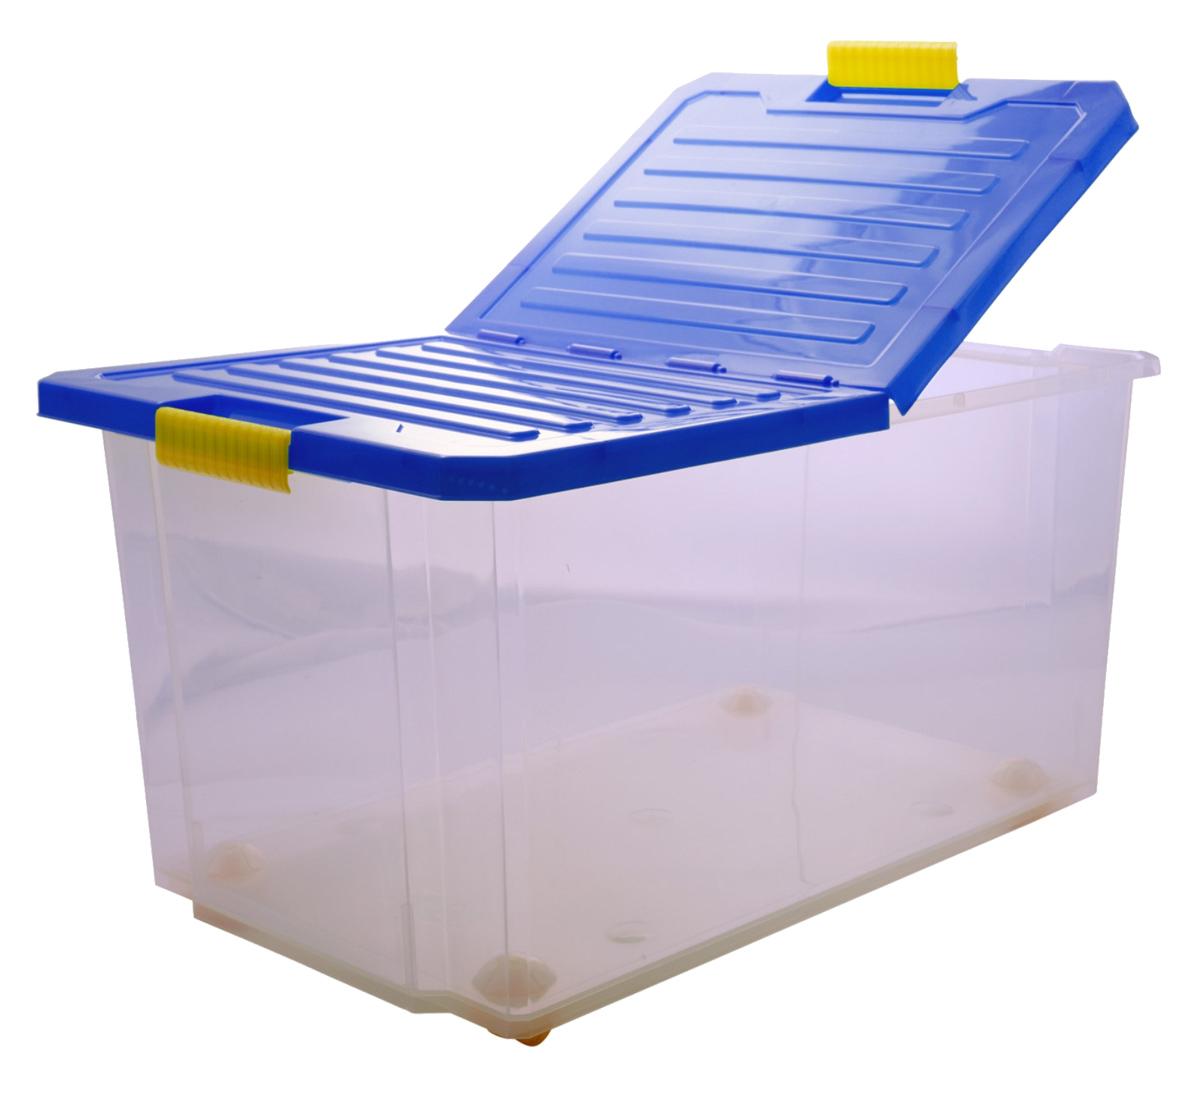 Ящик для хранения BranQ Unibox, цвет: синий, 610 х 405 х 330 ммBQ2566СНЛЕГОУниверсальный ящик для хранения со складной крышкой. В нем можно хранить все, что угодно: одежду, обувь, детские игрушки и т.п. Прочный каркас ящика позволит хранить как легкие вещи, так и переносить собранный урожай овощей или фруктов. Наш ящик имеет эргономичные защелки-ручки, поэтому его удобно переносить как с крышкой, так и без крышки.